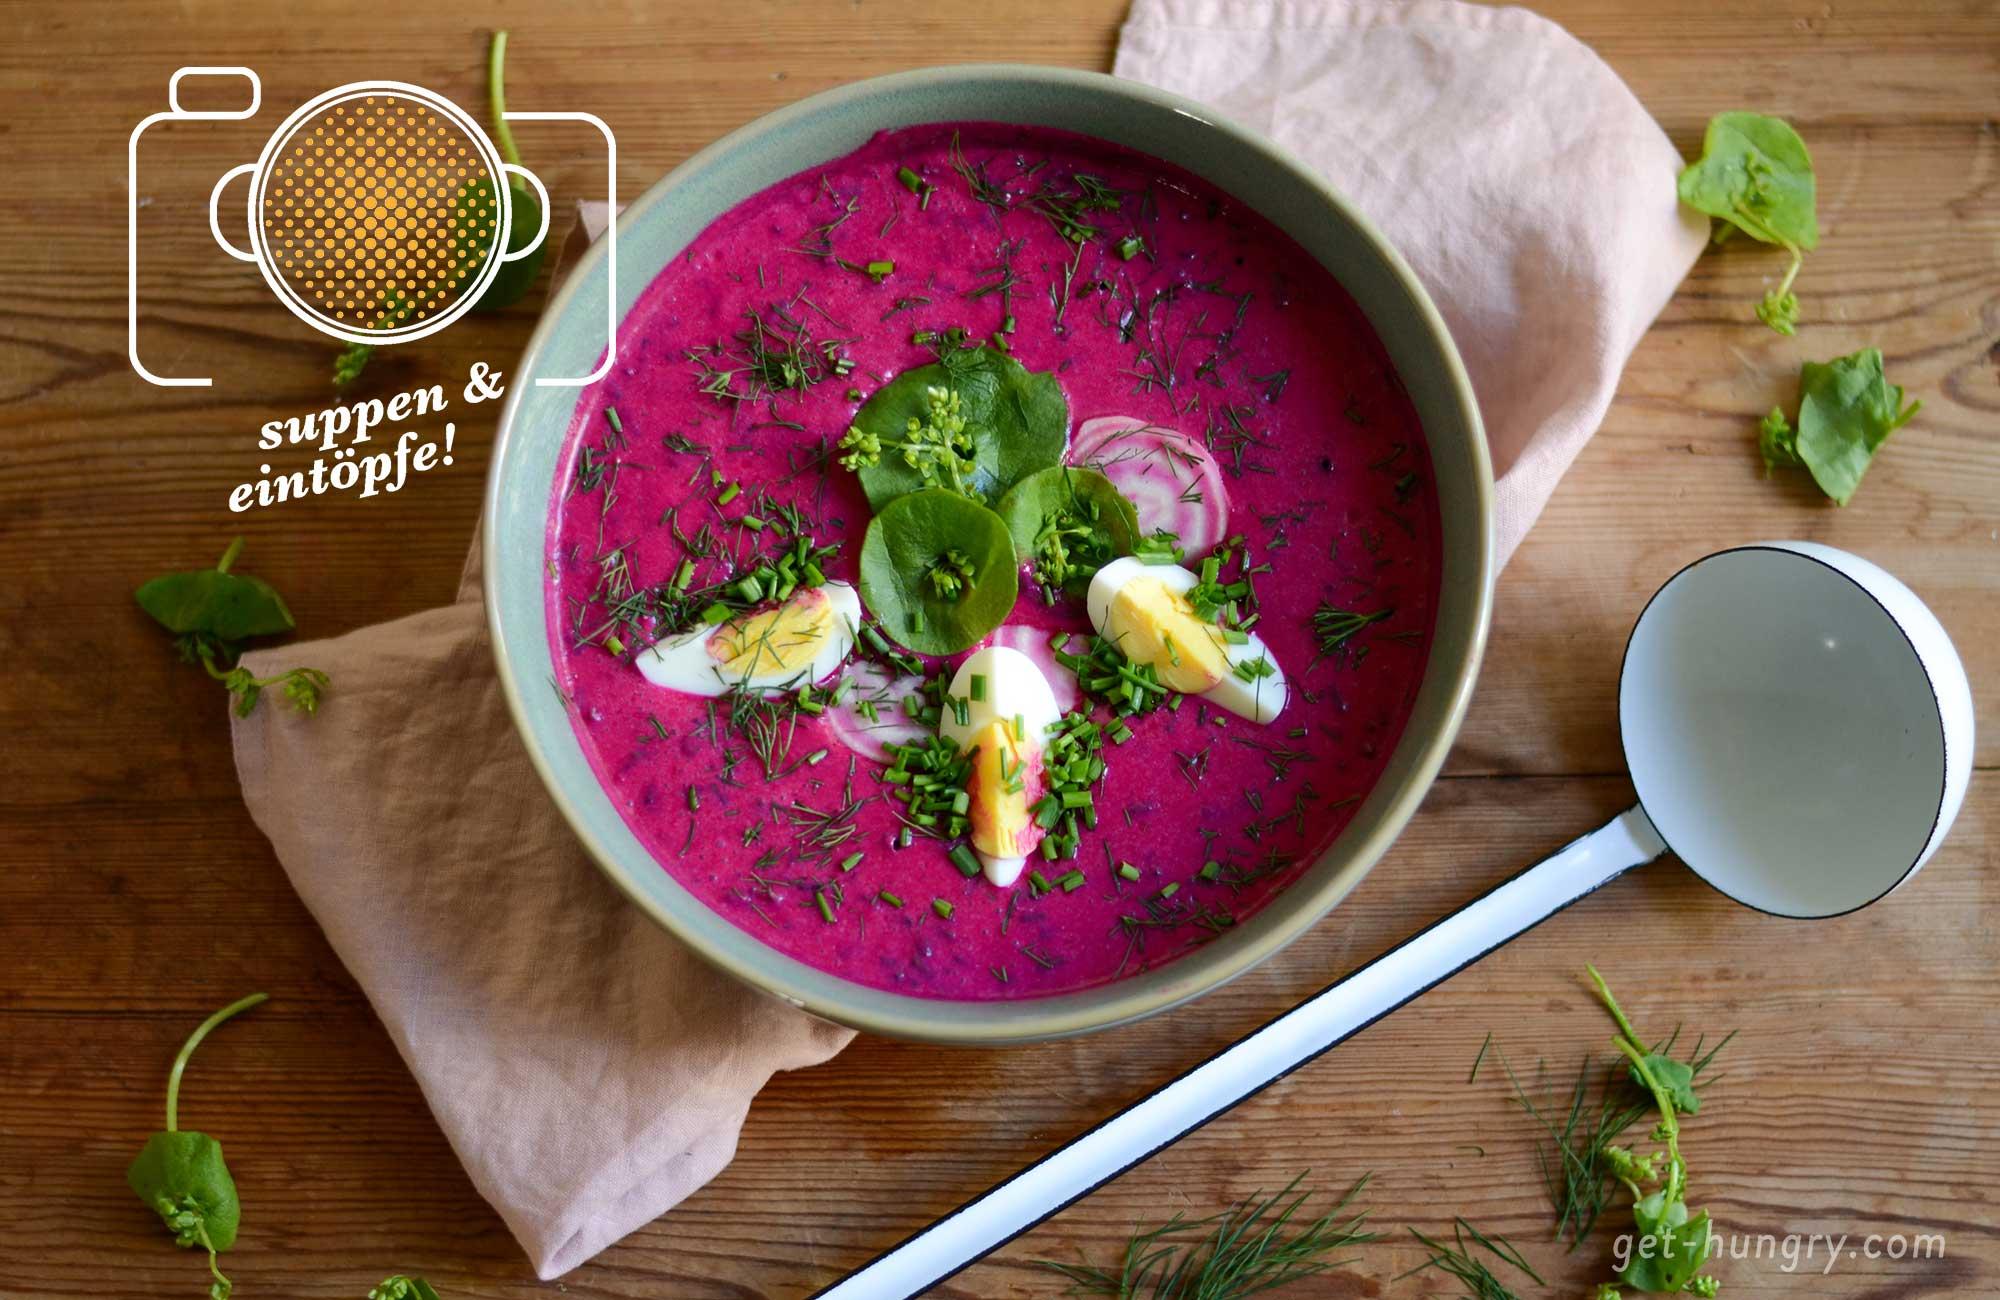 Kalte Rote Bete Suppe nach Polnischer Art - Chlodnik